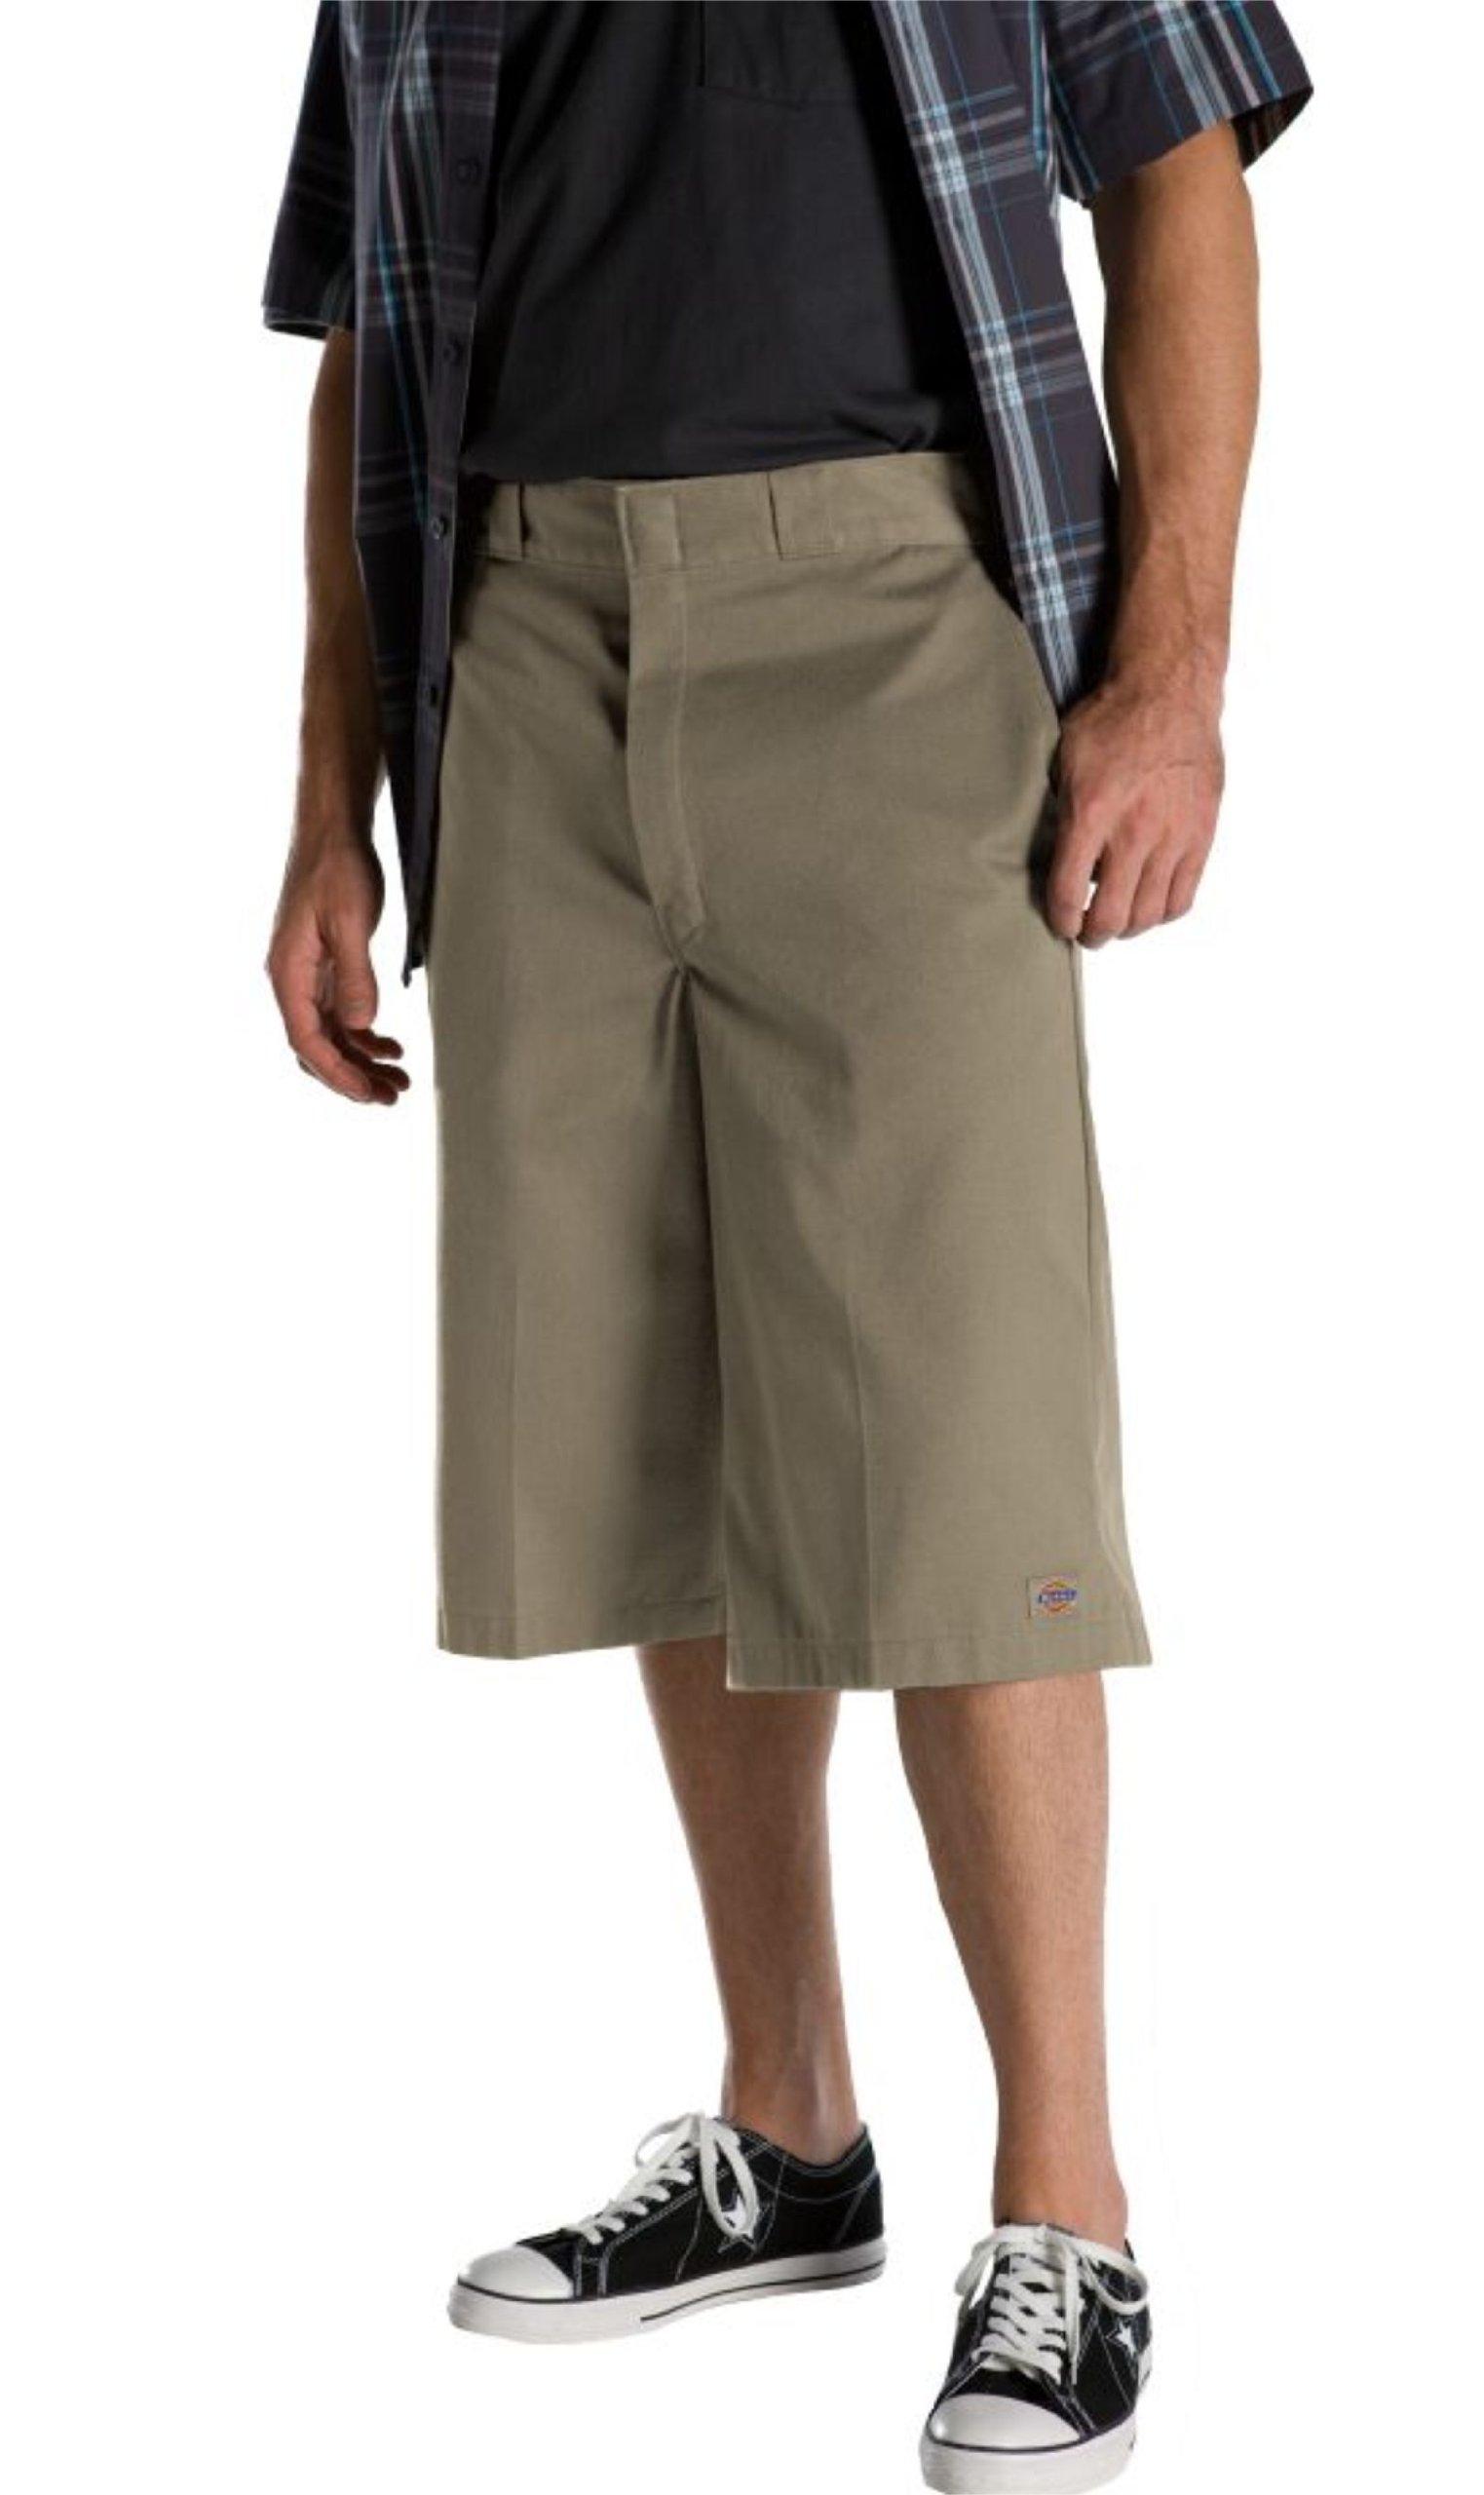 Dickies Men's Big 15 Inchloose Fit Multi-Pocket Work Short, Khaki, 46